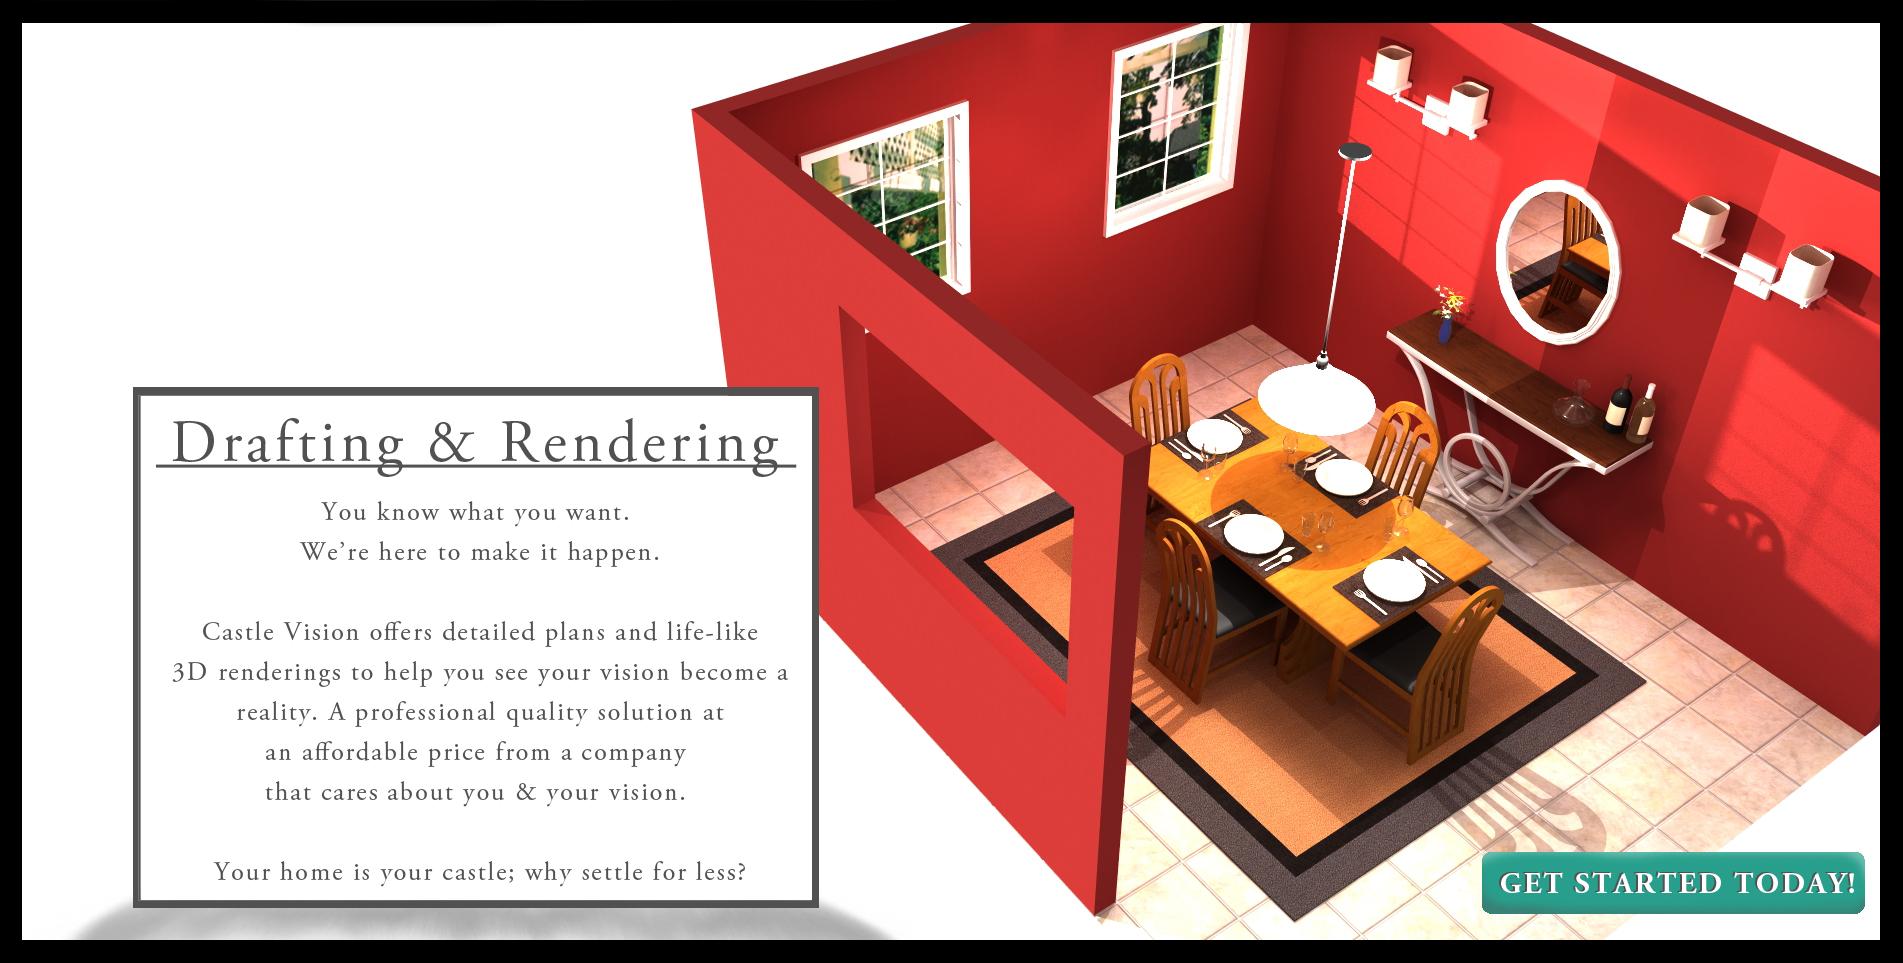 Drafting & Rendering